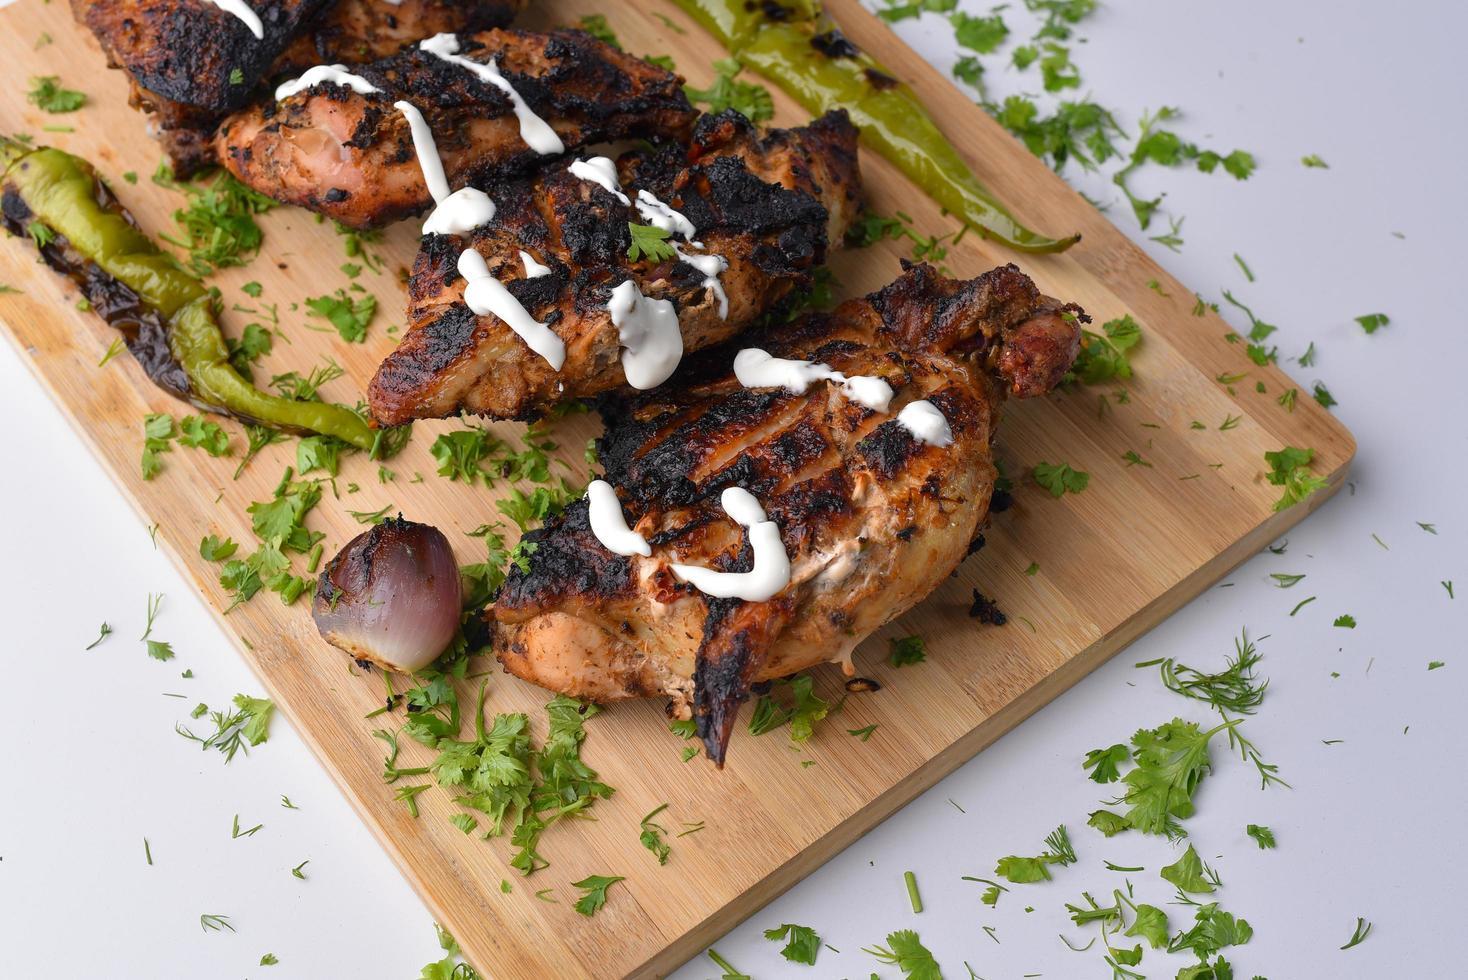 poitrine de poulet grillée photo